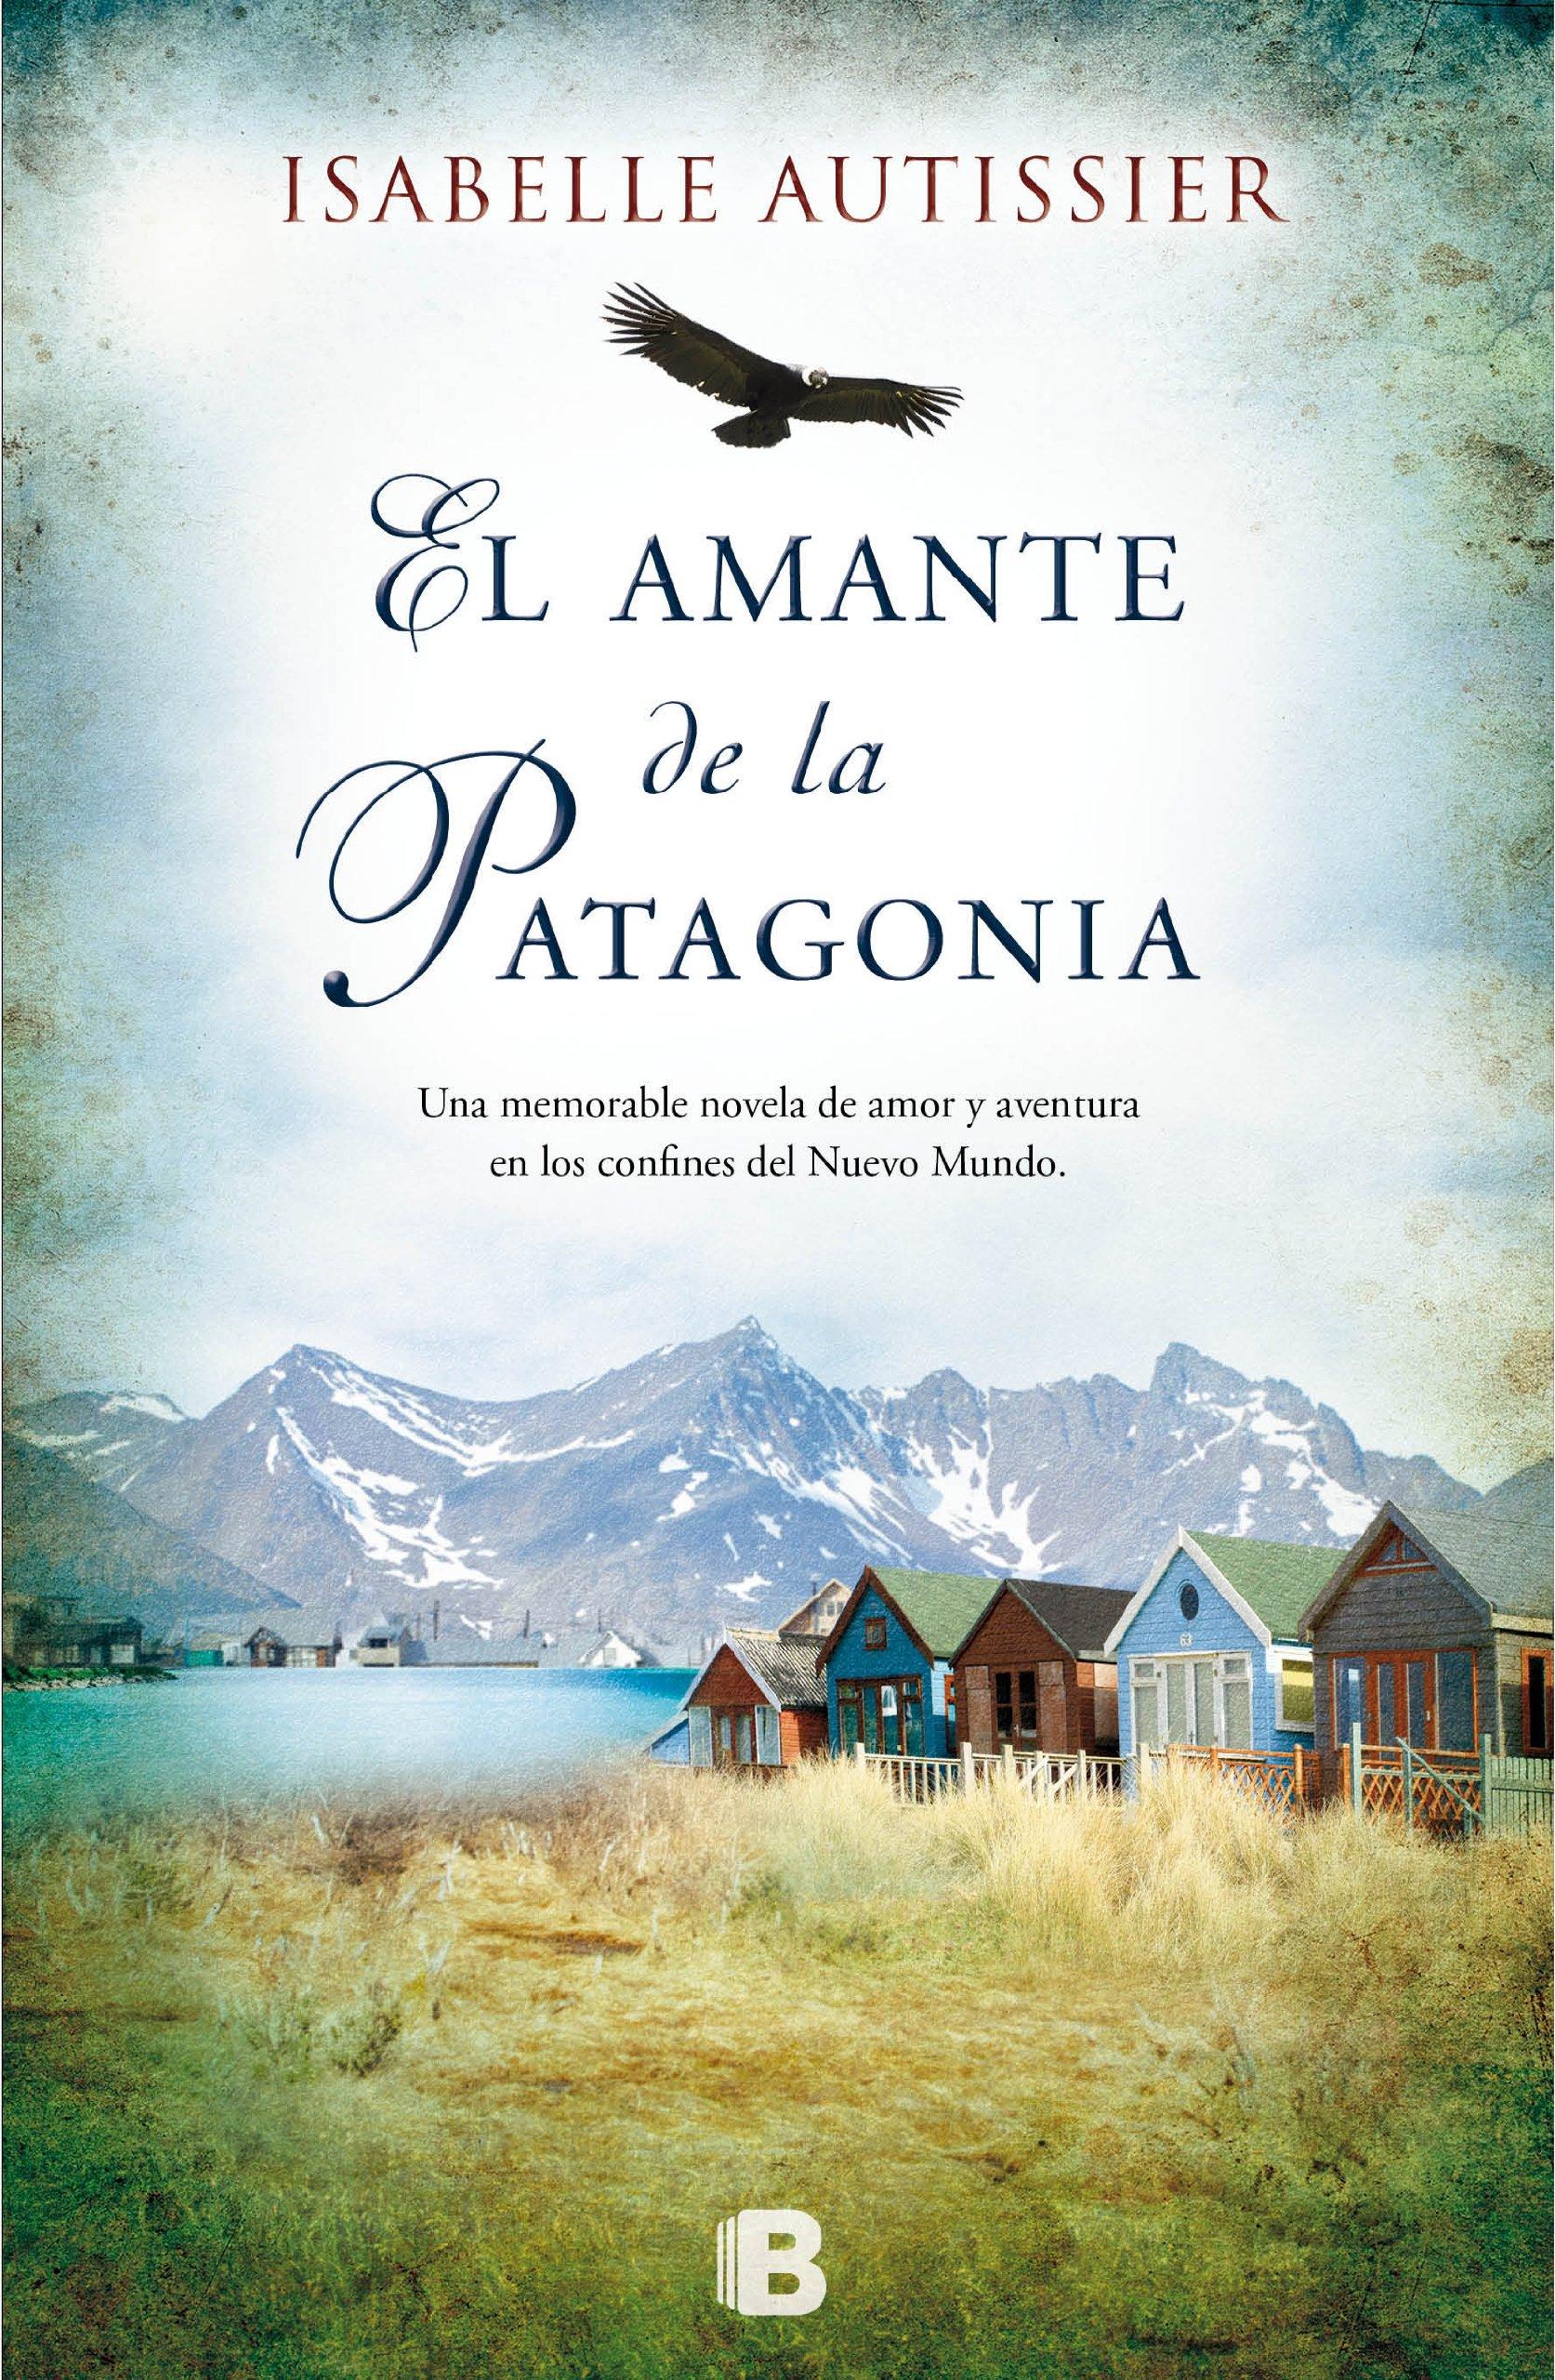 El amante de la Patagonia (Grandes novelas): Amazon.es: Isabelle Autissier: Libros